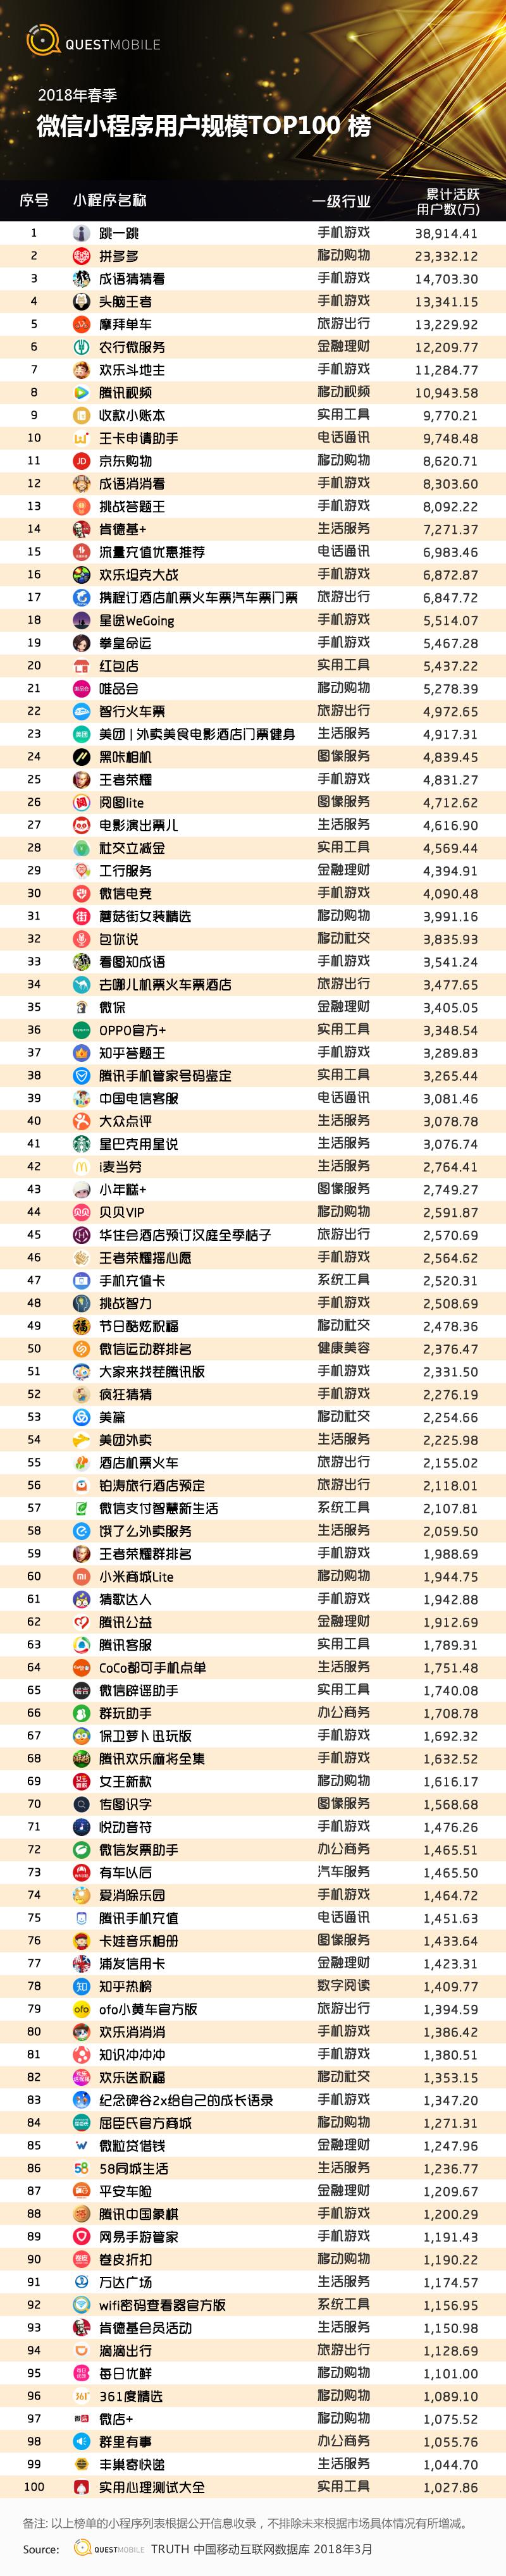 2018春季中国移动互联网微信小程序用户规模TOP100